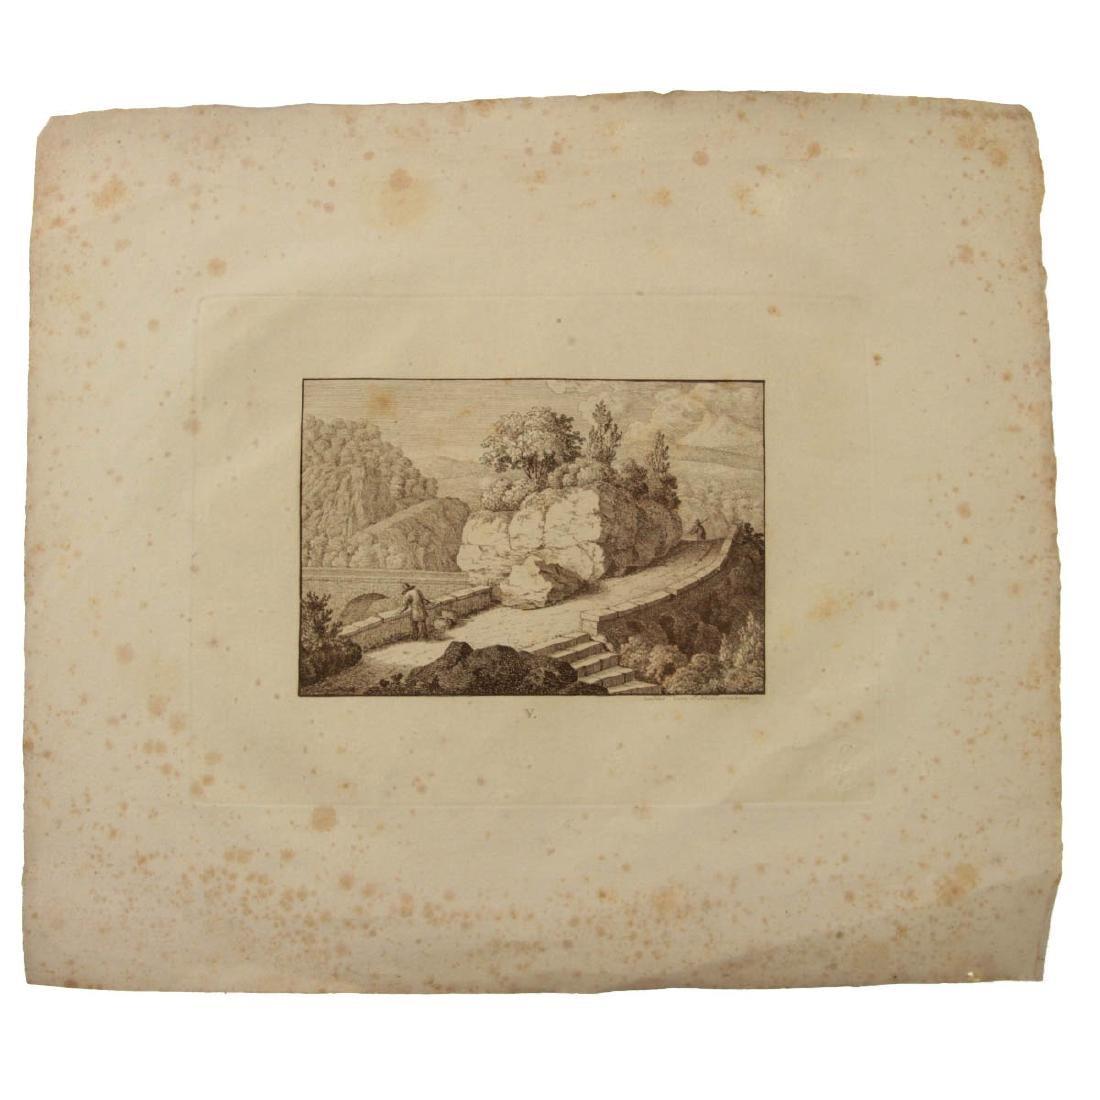 Radirte Blatter nach Handzeichnungen von Goethe - 5 - 5